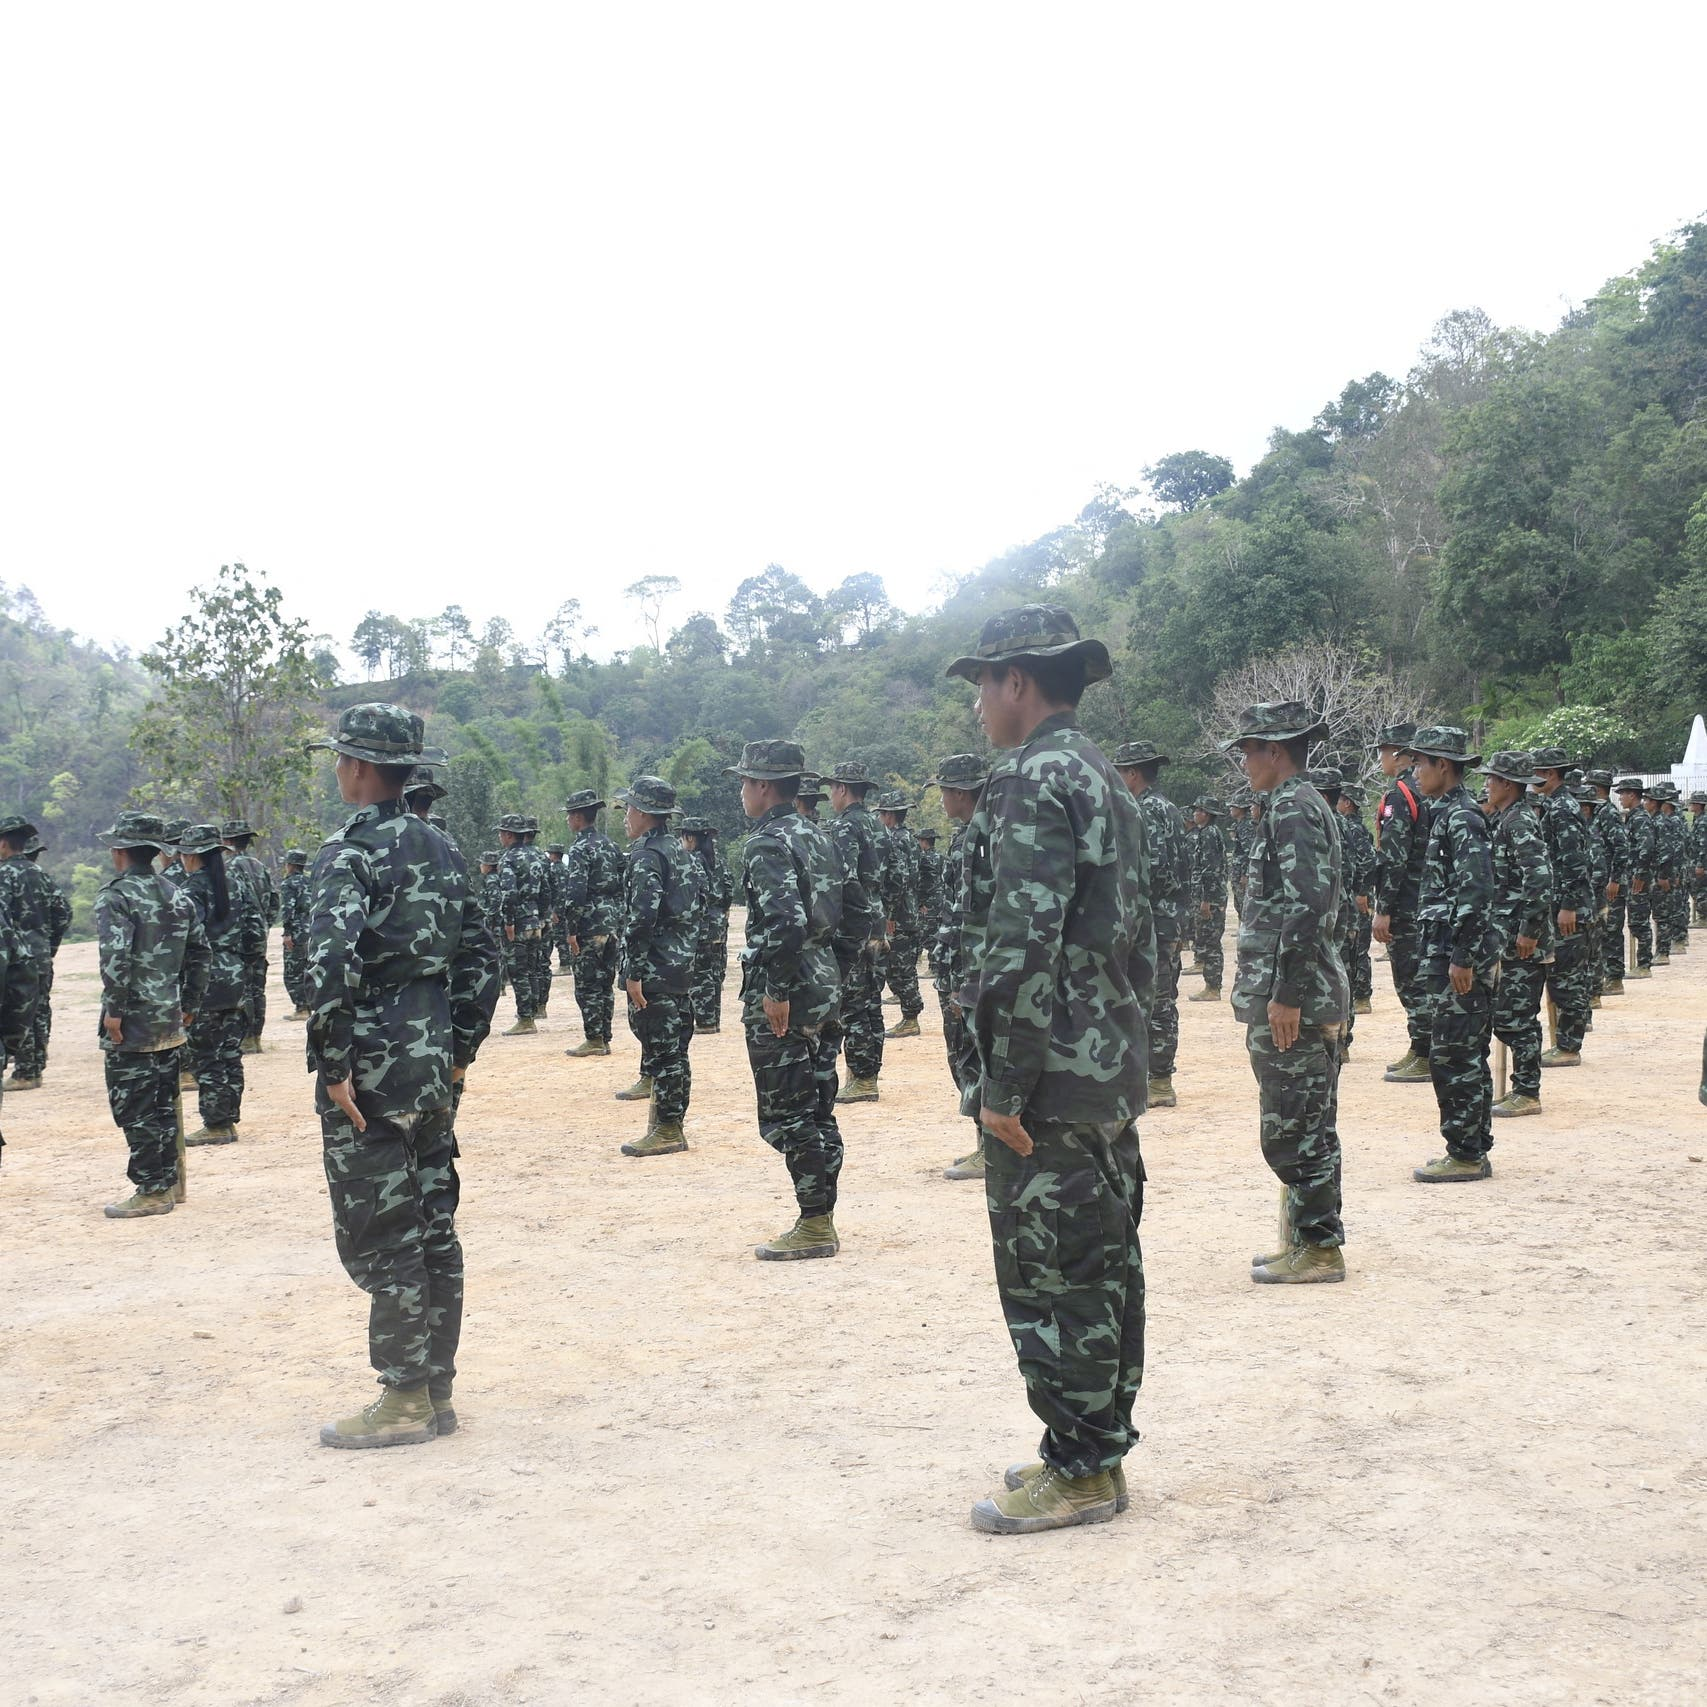 سقوط عدة قتلى مع اتساع نطاق الاشتباكات مع الجيش في ميانمار